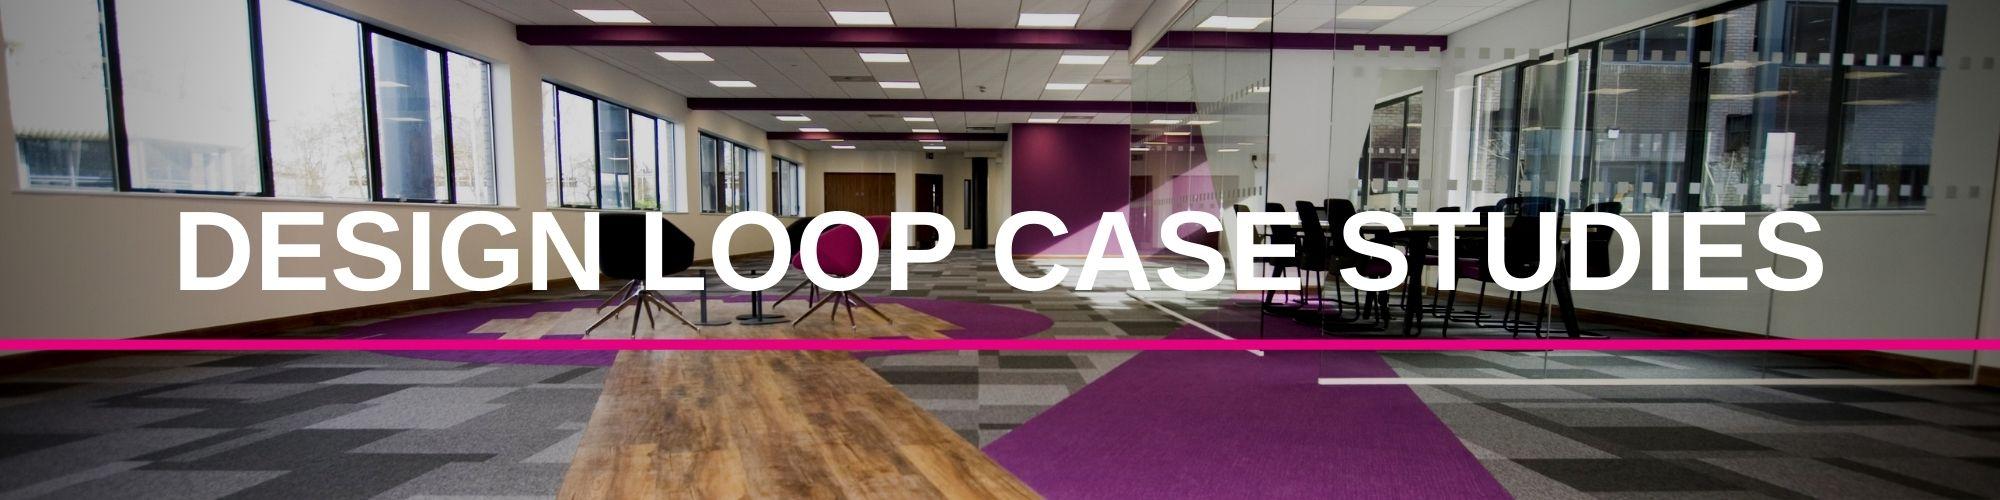 DESIGN LOOP CASE STUDIES | Paragon Carpet Tiles | Commercial Carpet Tiles